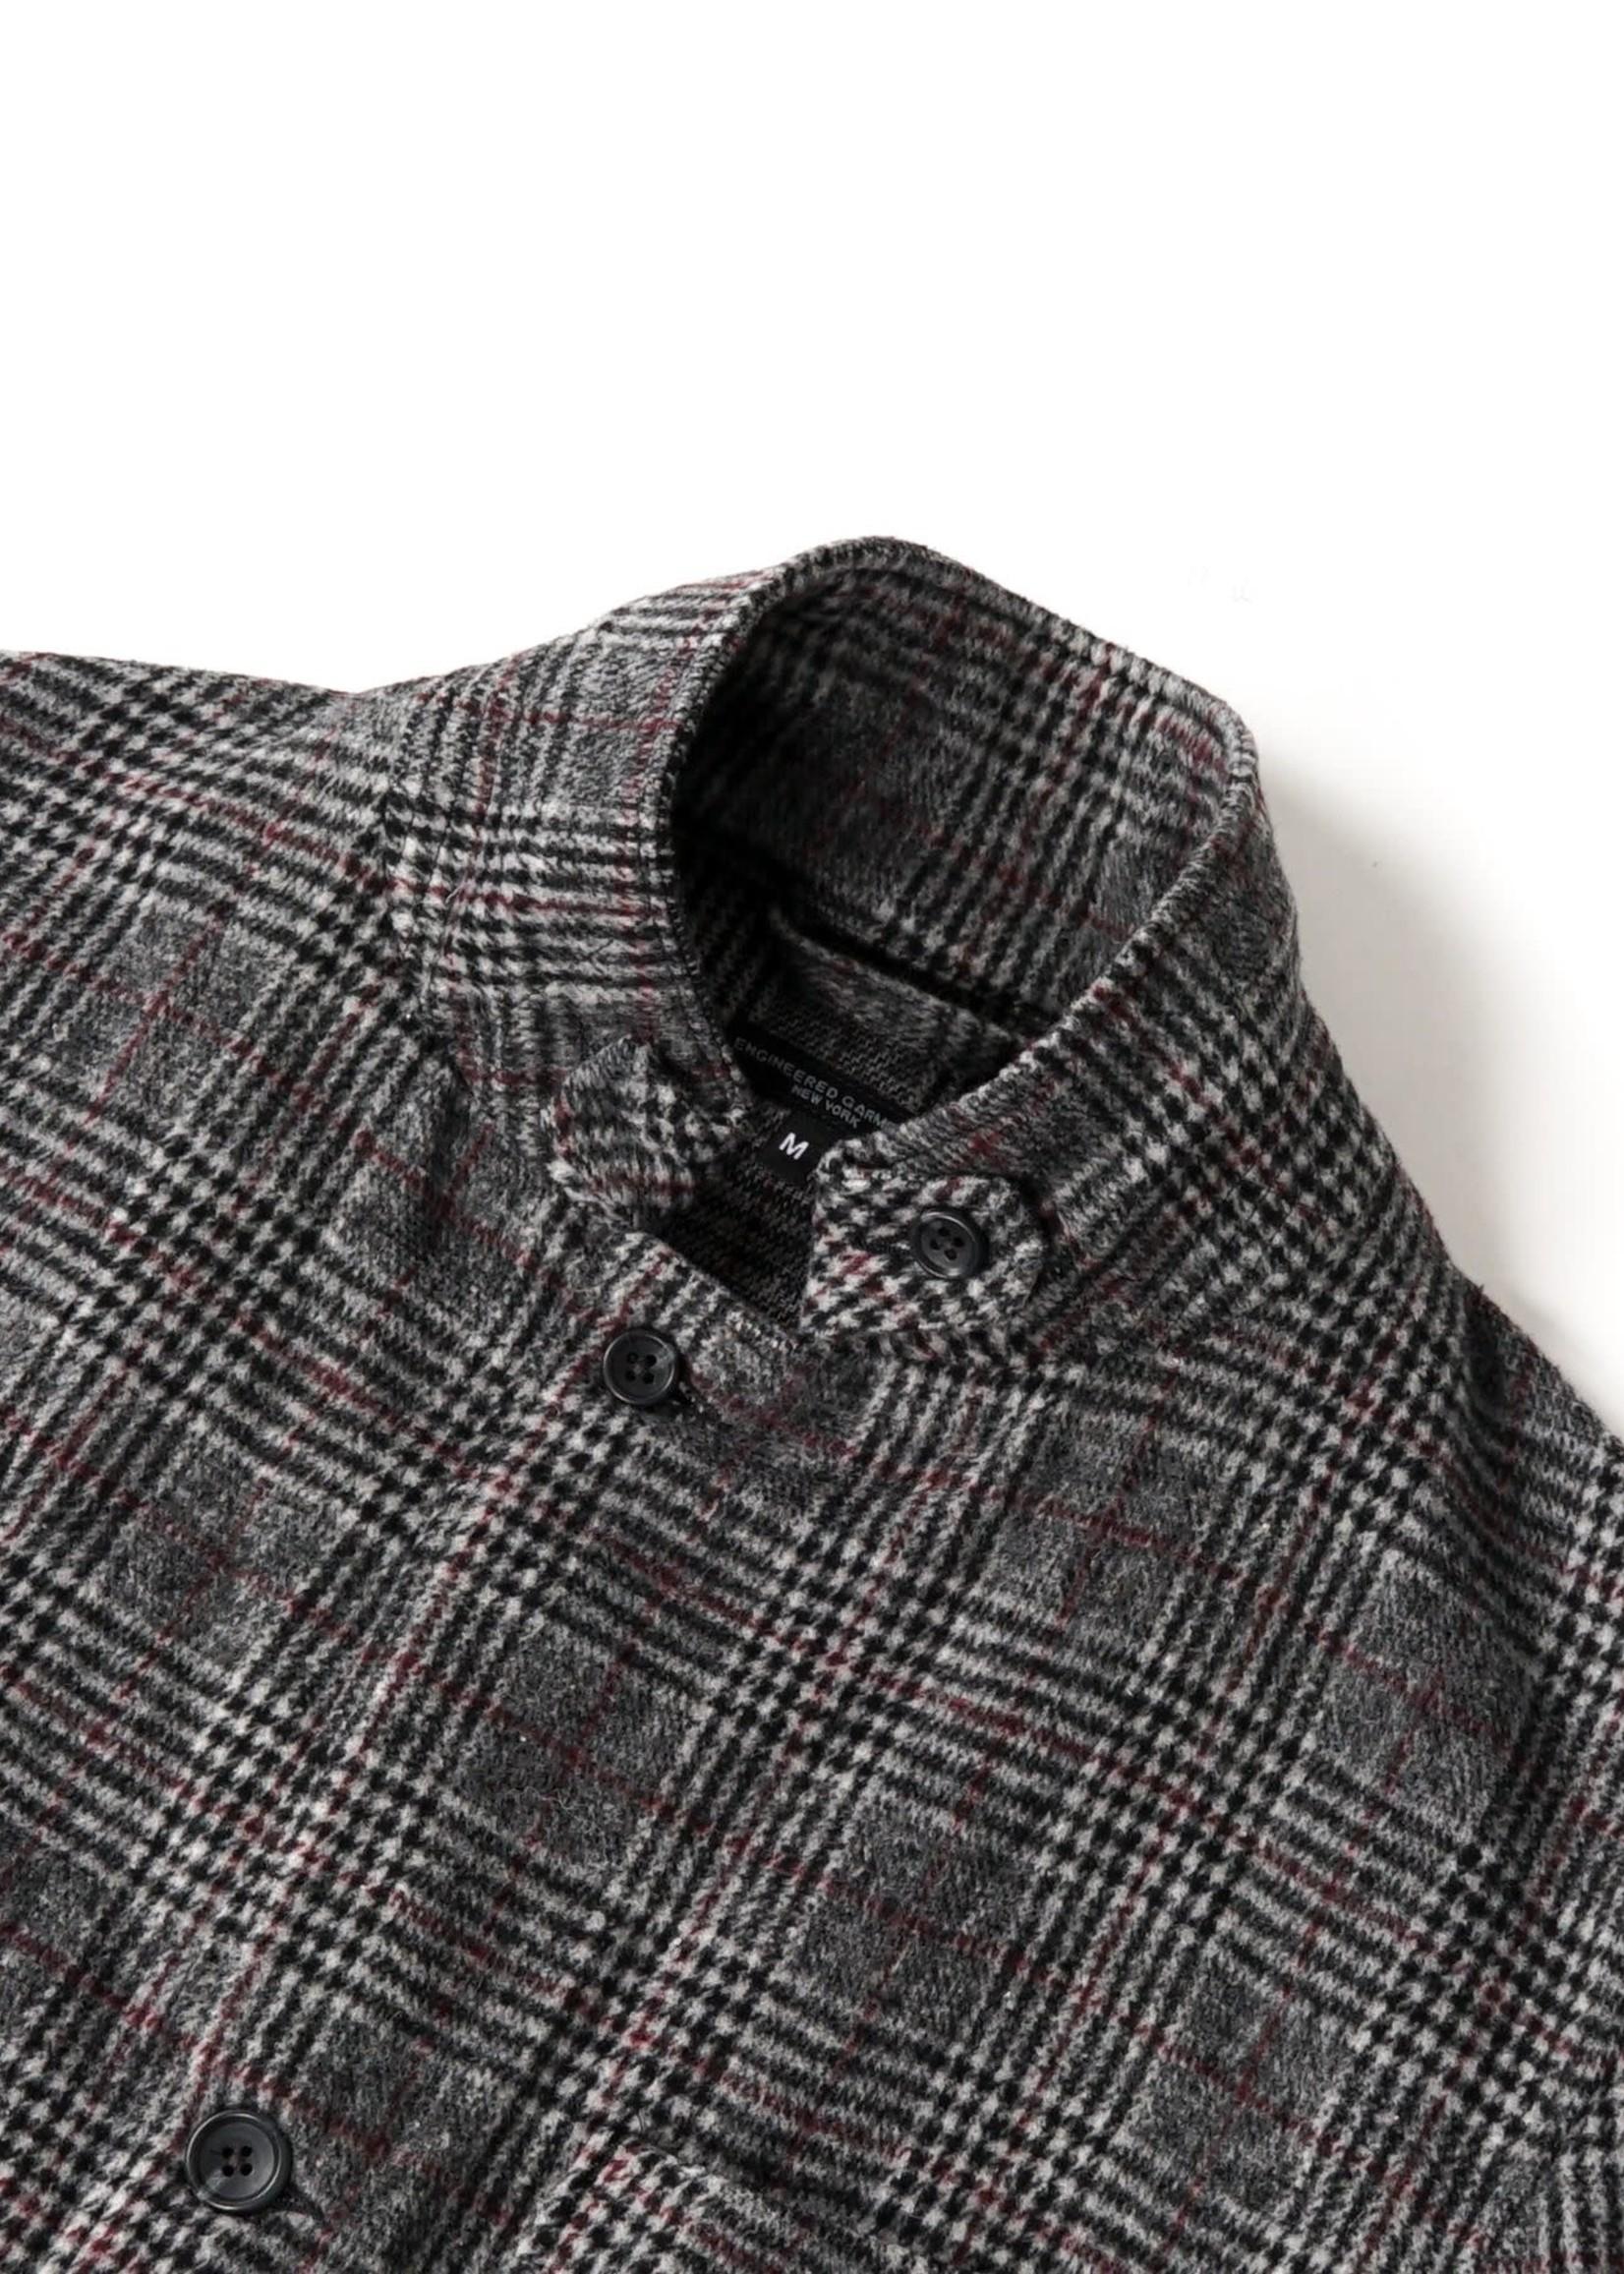 Engineered Garments Engineered Garments Loiter Jacket Grey / Maroon Glen Plaid  Poly / Wool